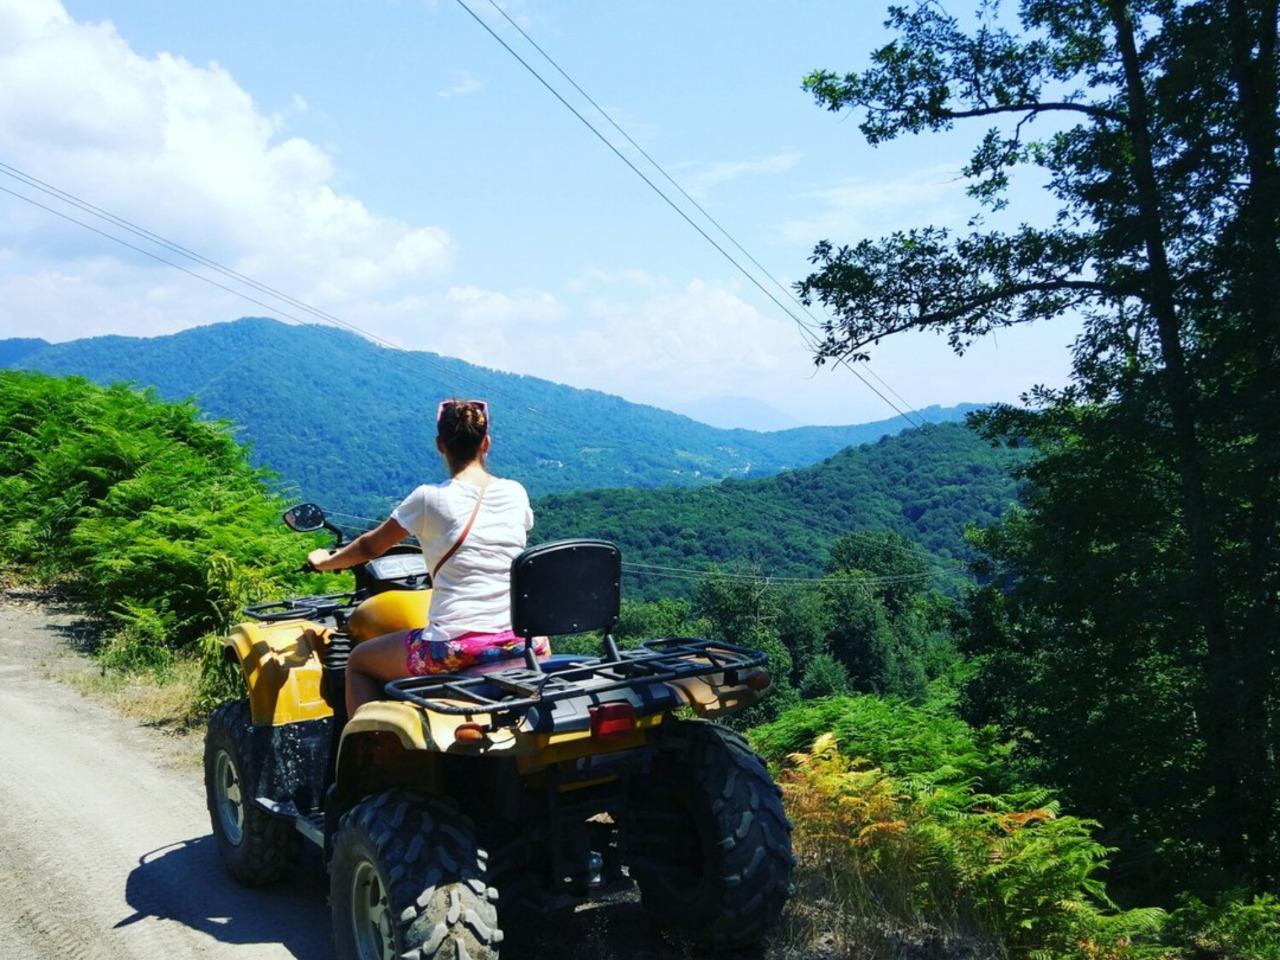 Поездка на квадроциклах к водопаду и дольменам - индивидуальная экскурсия в Сочи от опытного гида